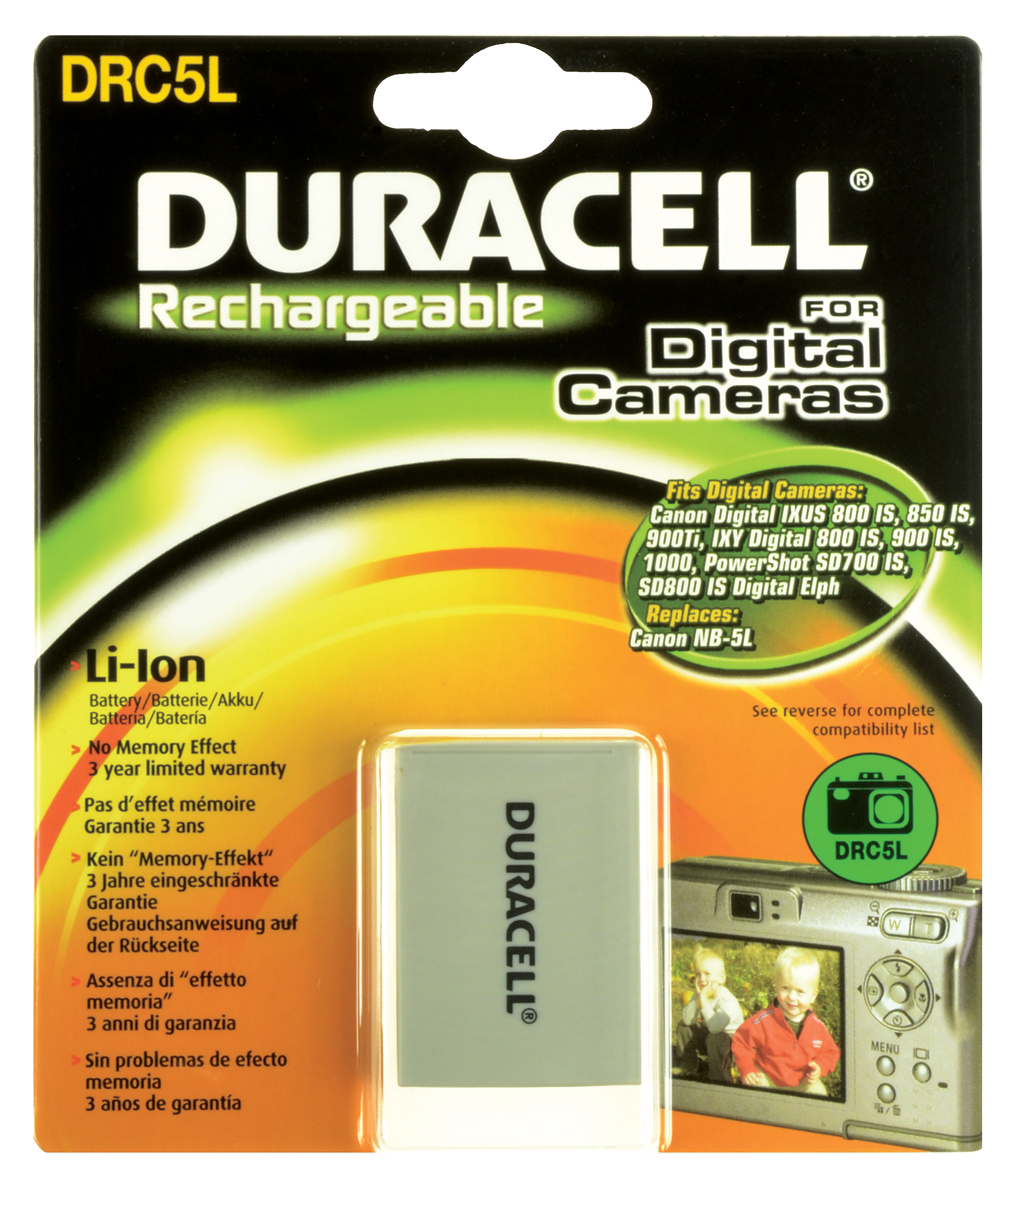 Baterie do fotoaparátu Canon Digital IXUS 980 IS/Digital IXUS 990 IS/IXUS 850 IS/IXUS 900 Ti/IXUS 950/IXUS 960 IS/IXY 830 IS/IXY Digital 1000/IXY…